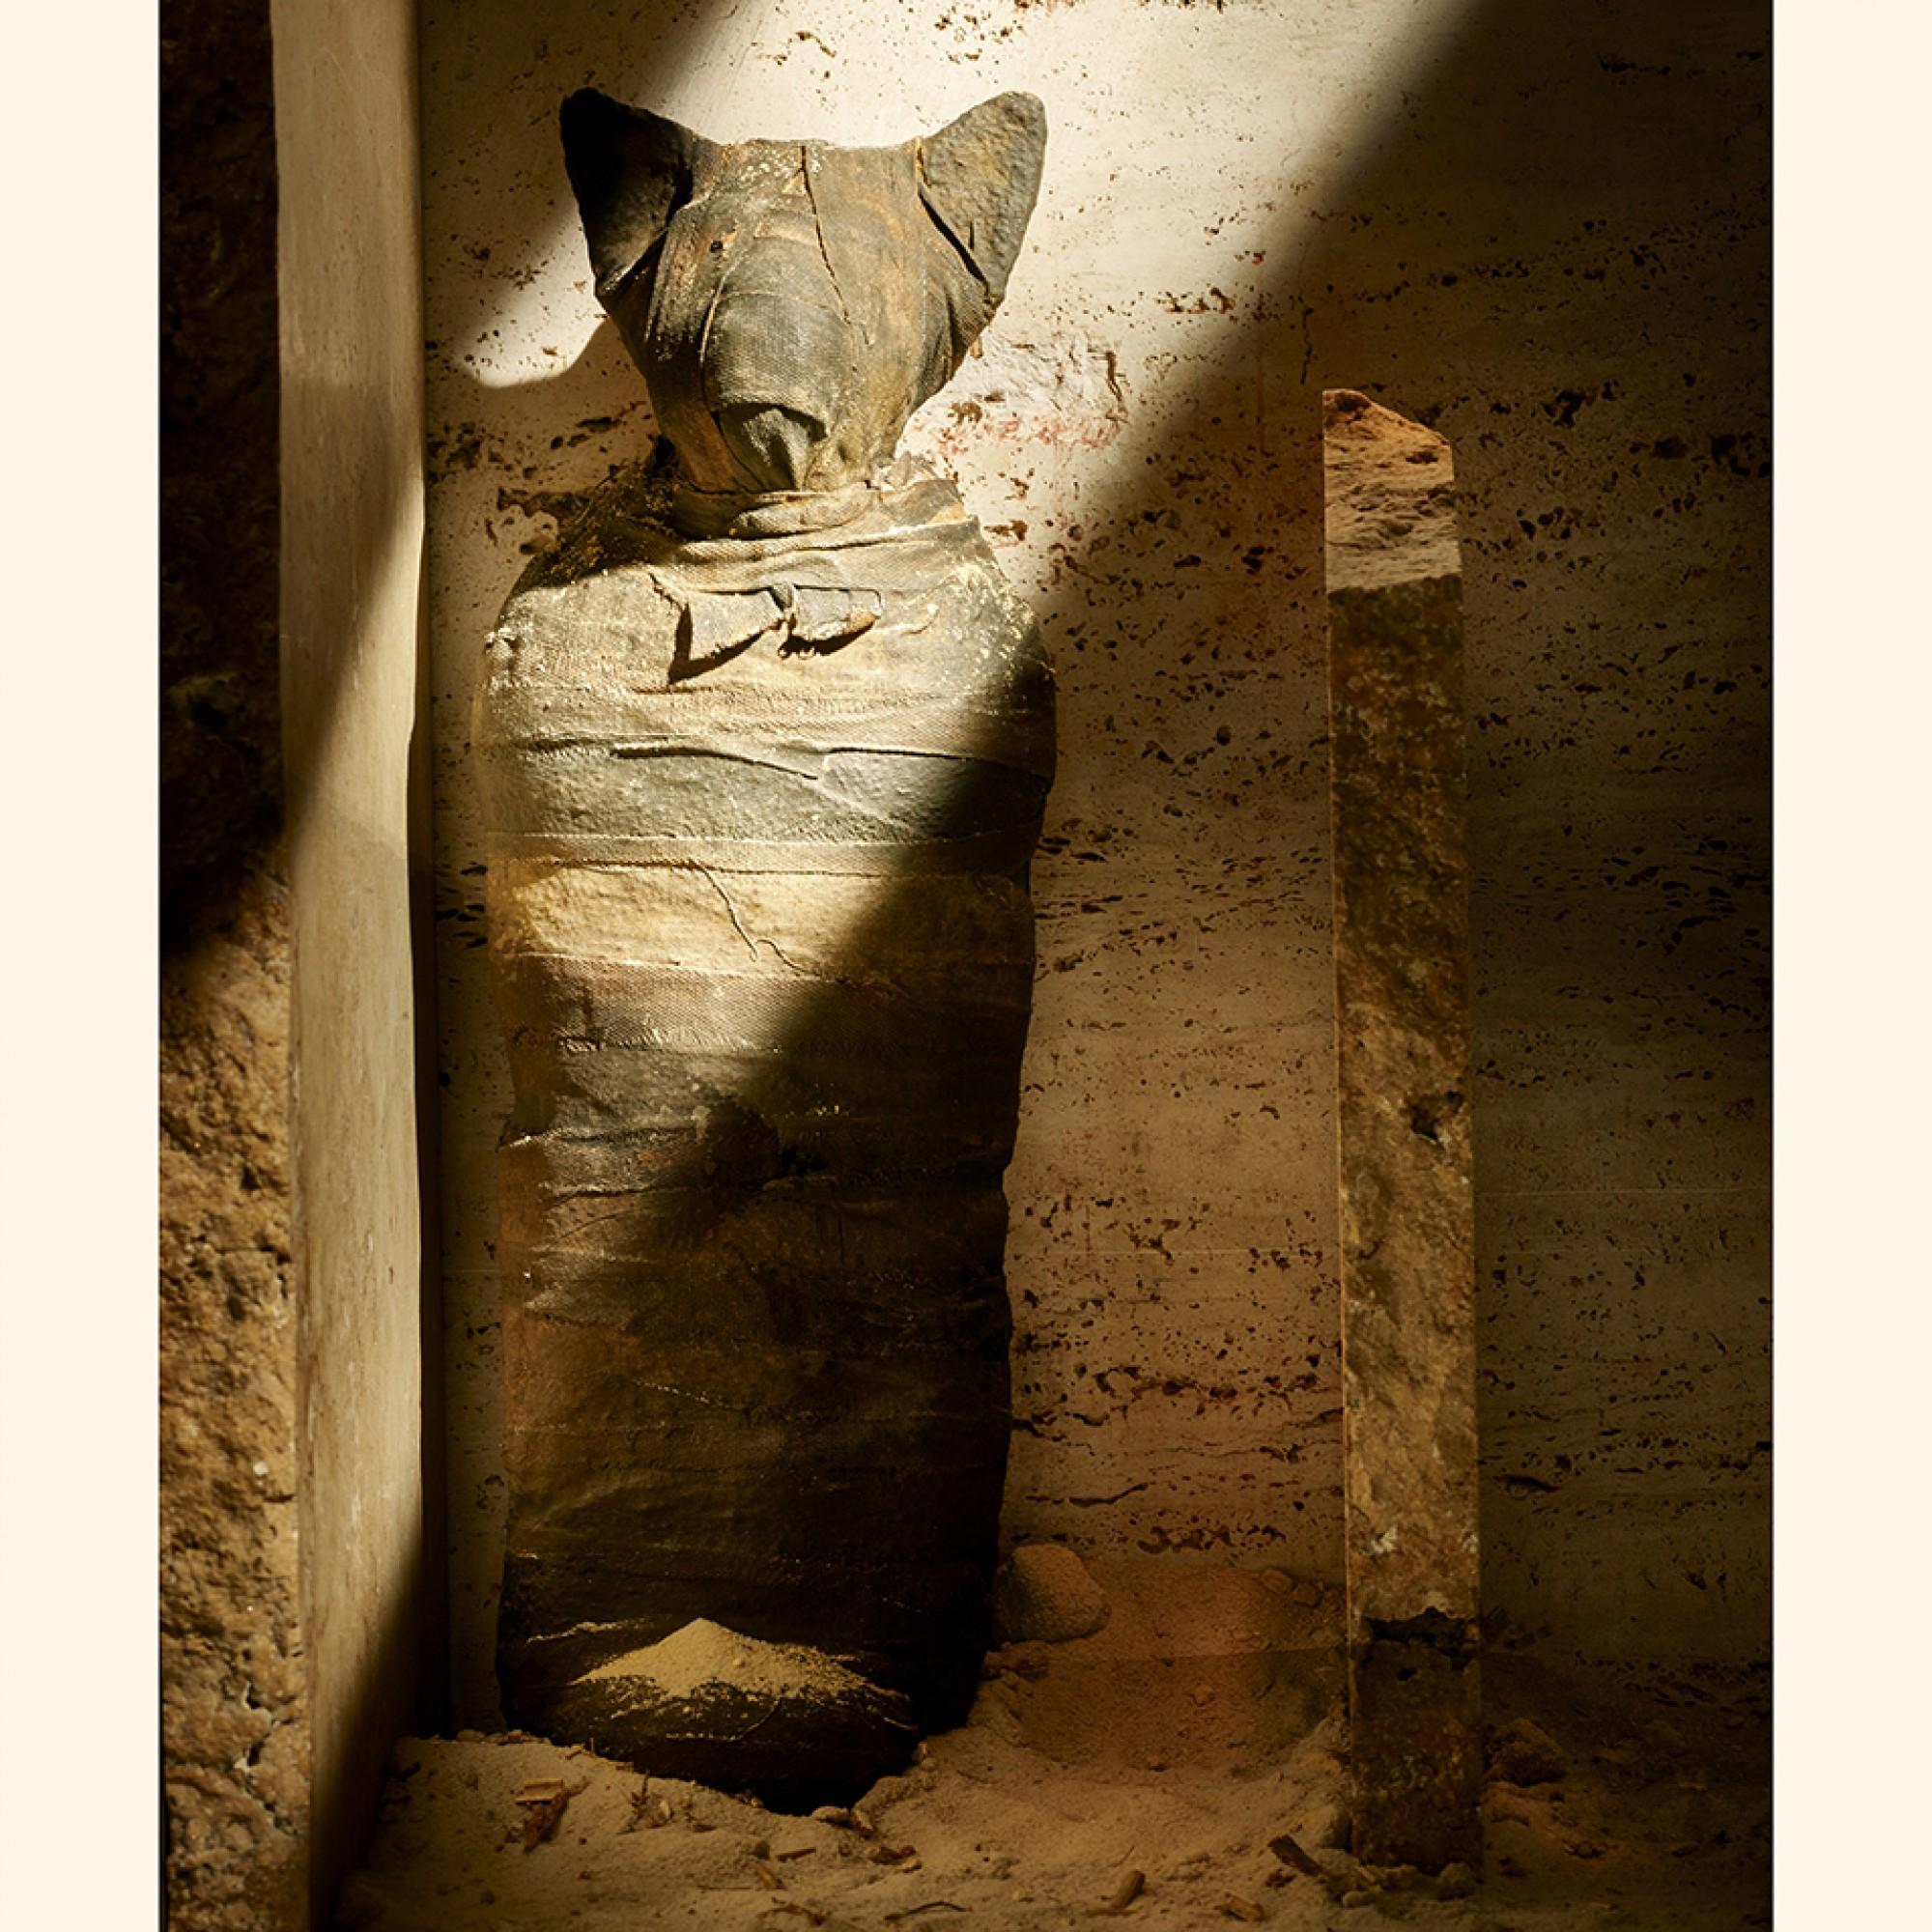 Mumienbraun, auch als Mumia bekannt, ist genau das, was der Name sagt – es besteht aus gemahlenen Mumien. Bis ins 18.Jahrhundert verschrieben die Ärzte Mumia als Heilmittel für ein breites Spektrum an Leiden.